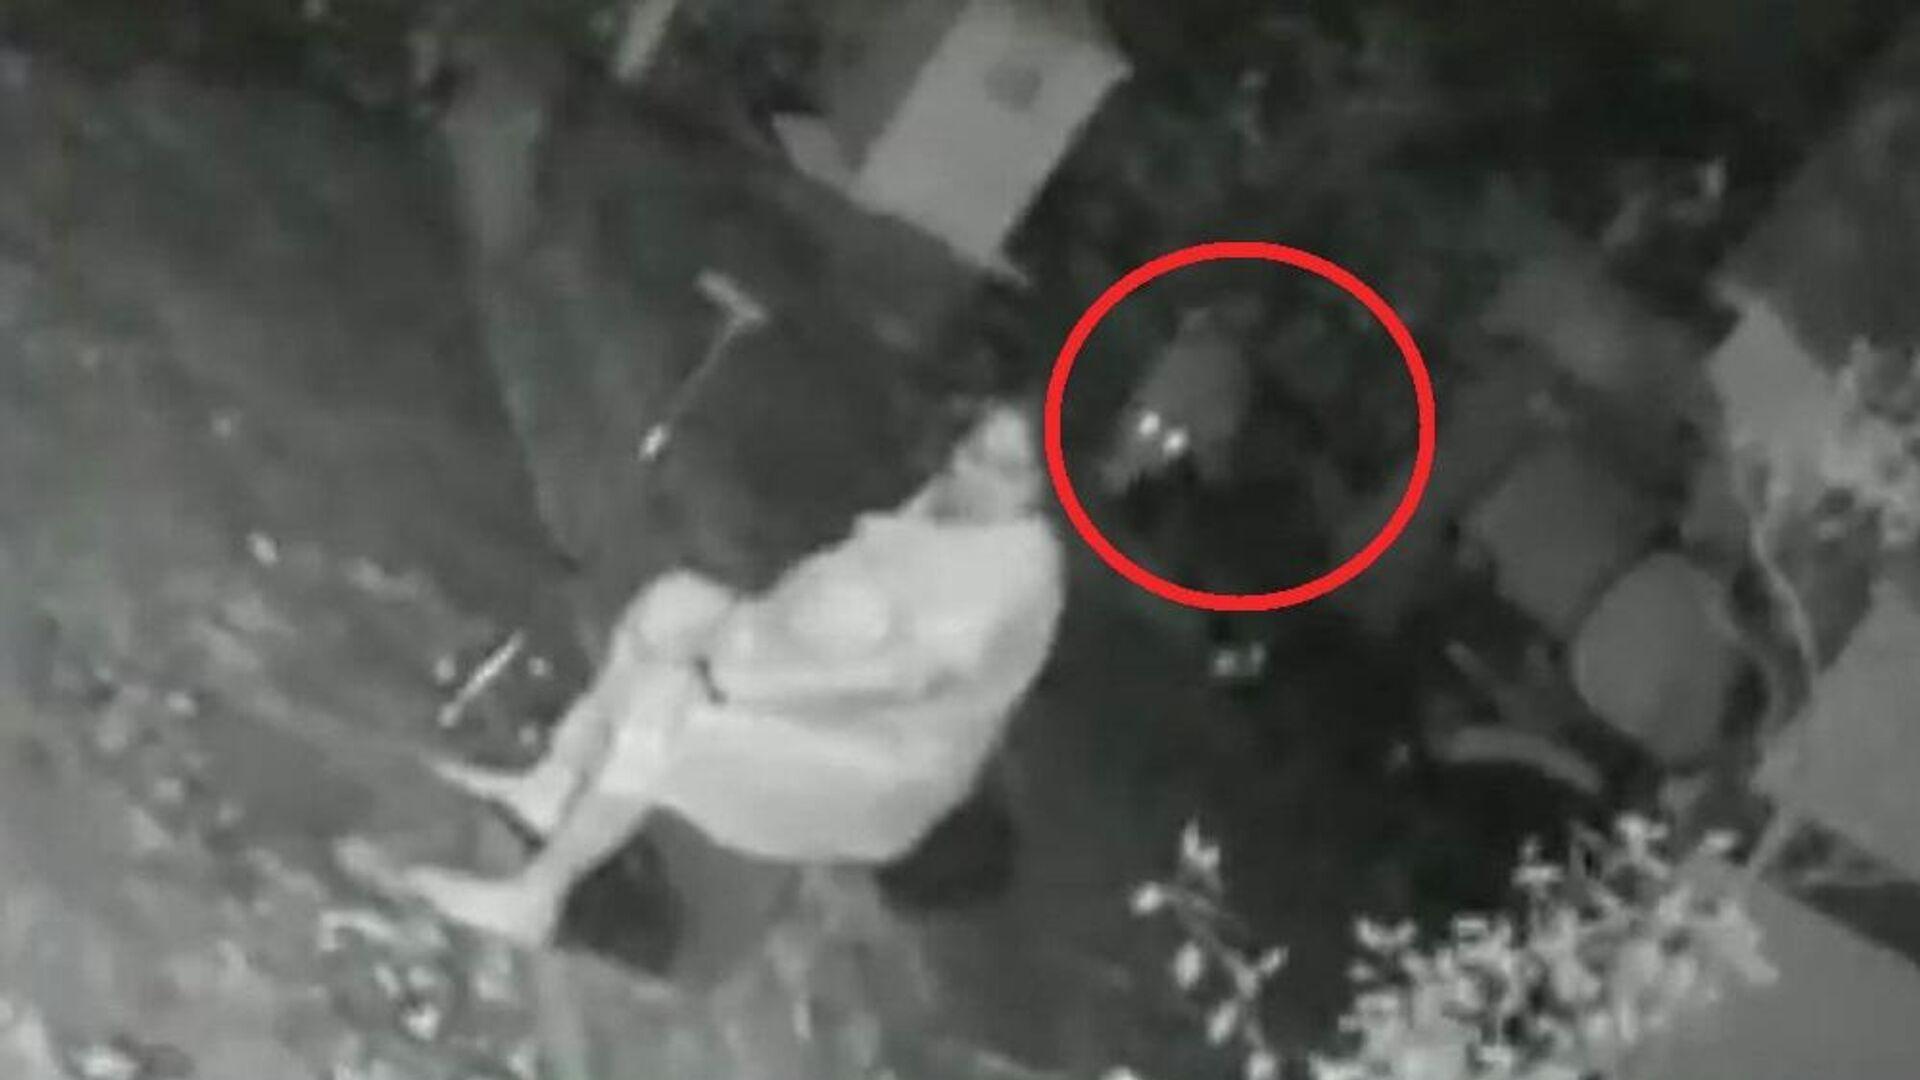 Γυναίκα διώχνει λεοπάρδαλη που της επιτέθηκε με τη μαγκούρα - Sputnik Ελλάδα, 1920, 01.10.2021